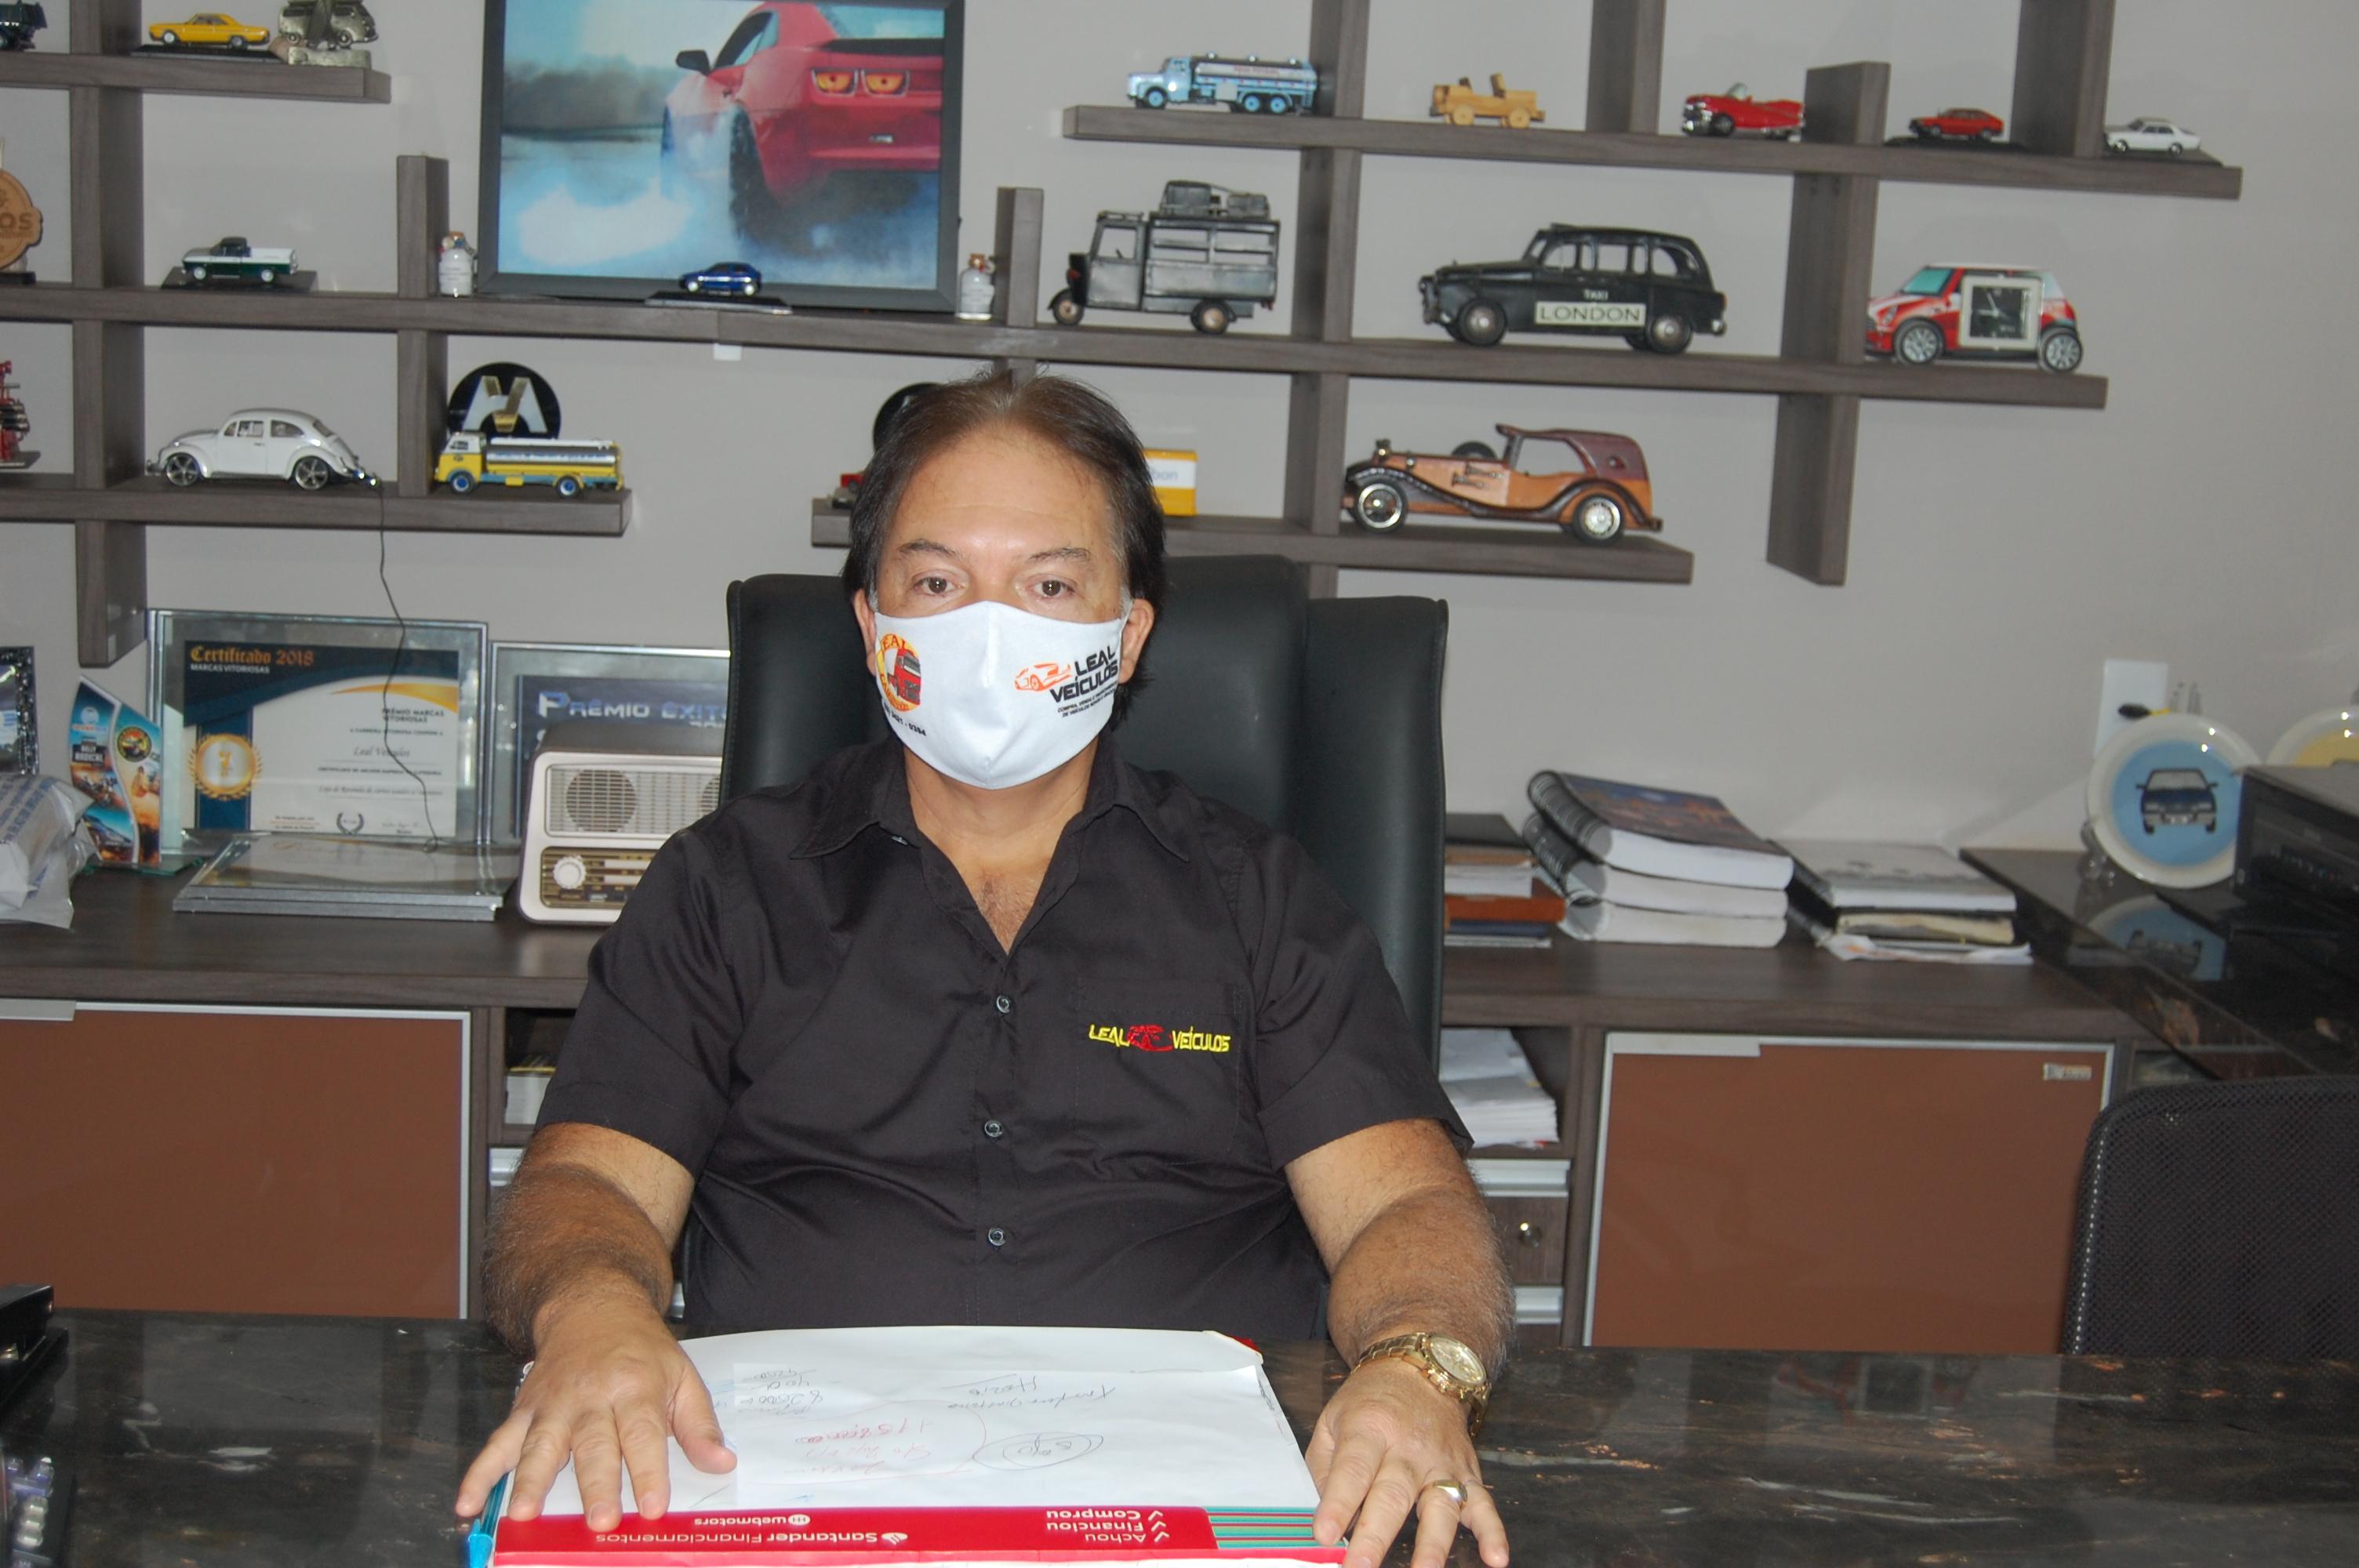 Em meio à crise, empresário Antônio Moura Leal se reinventa para vender carros novos e seminovos